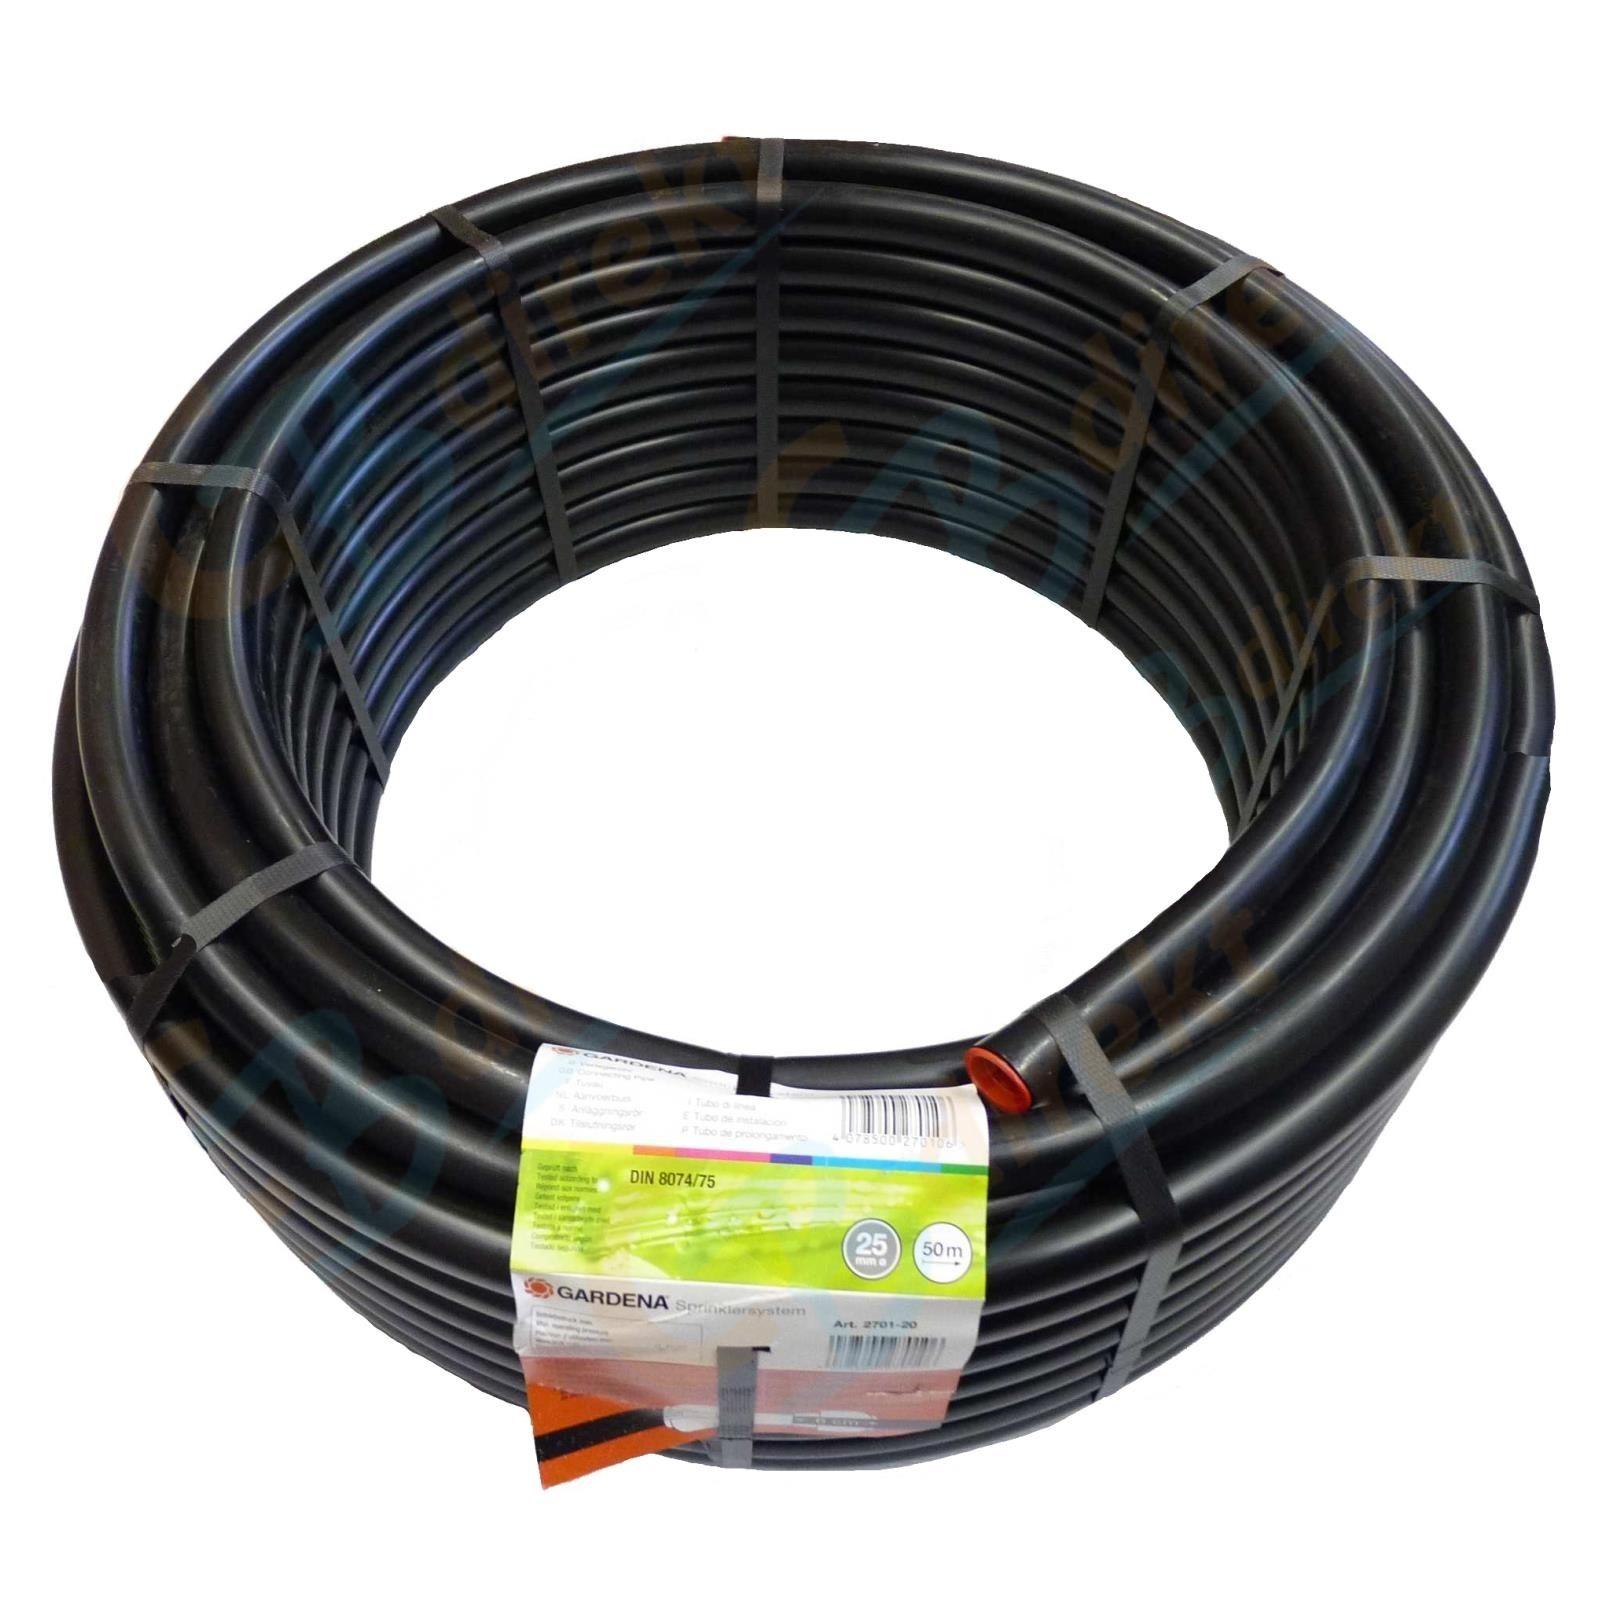 gardena verlegerohr 25 mm 50 m 2701 20 cbdirekt profi shop f r werkzeug sanit r garten. Black Bedroom Furniture Sets. Home Design Ideas